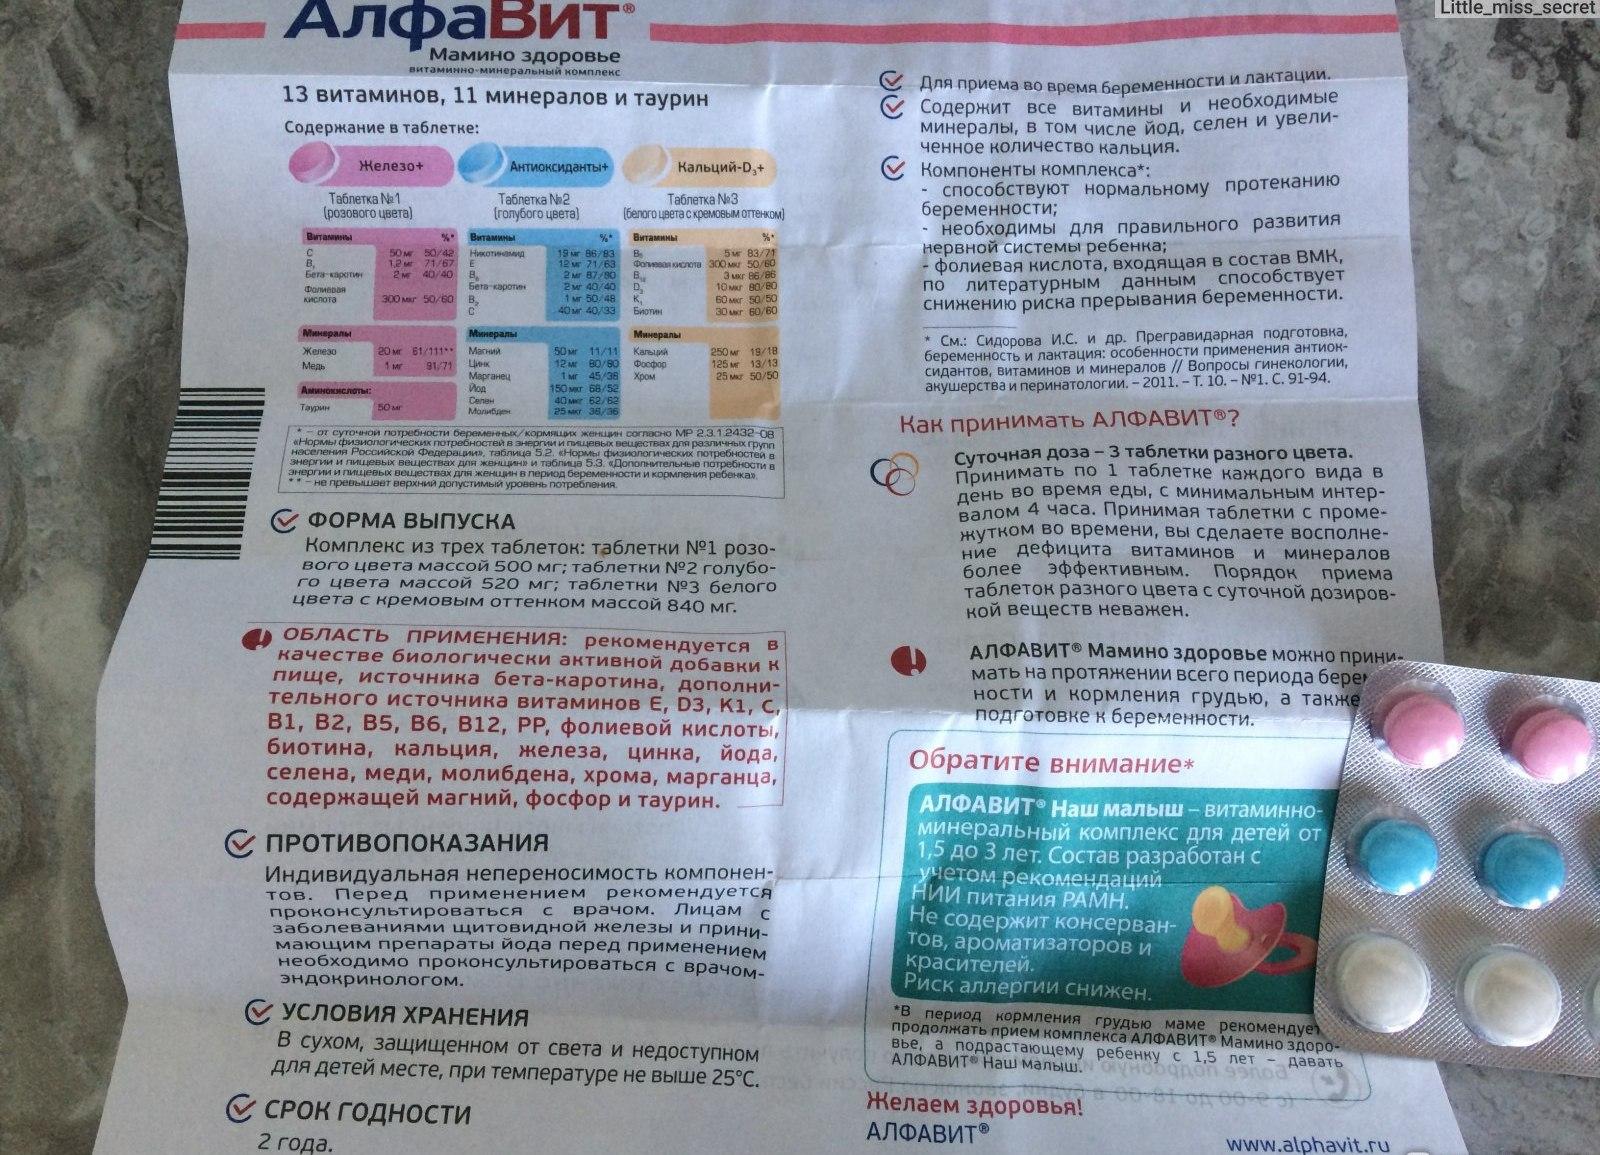 Алфавит мамино здоровье – инструкция по применению, состав, дозы